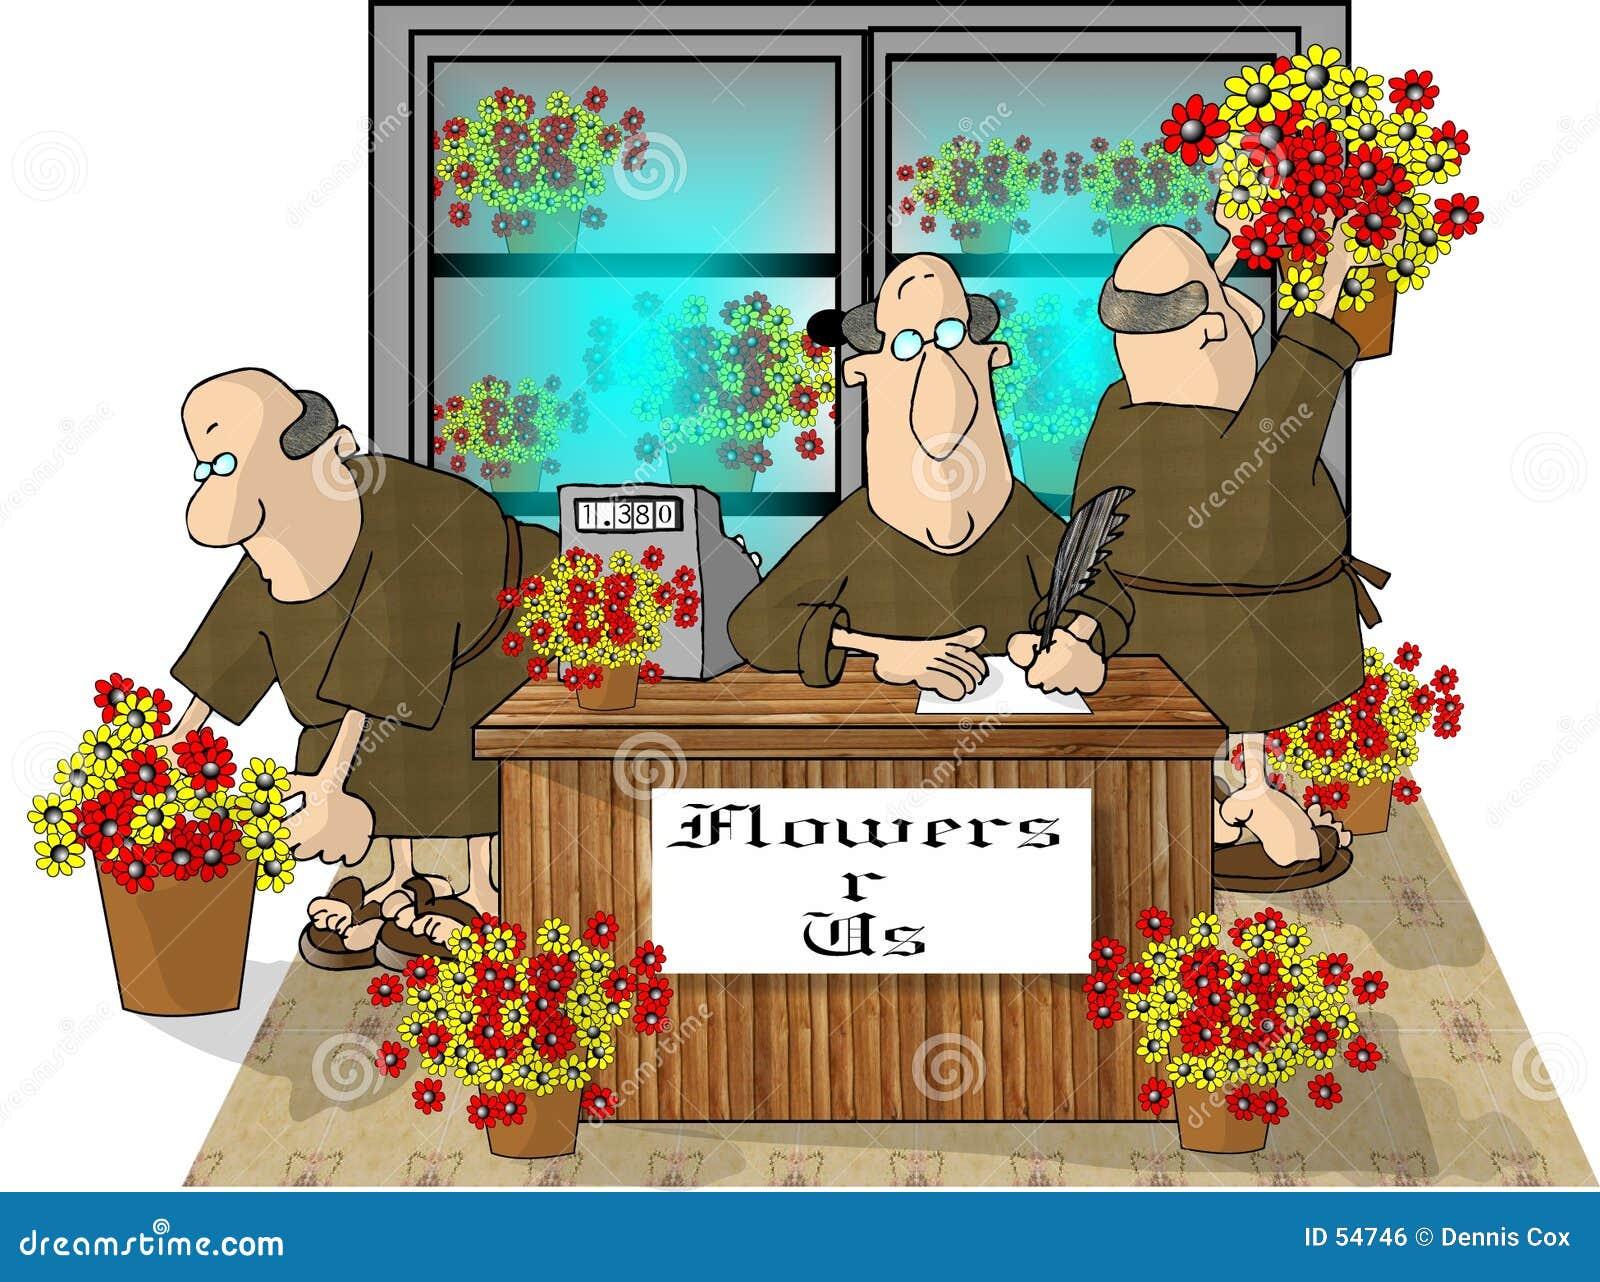 Slechts kunt u bloemistfraters verhinderen